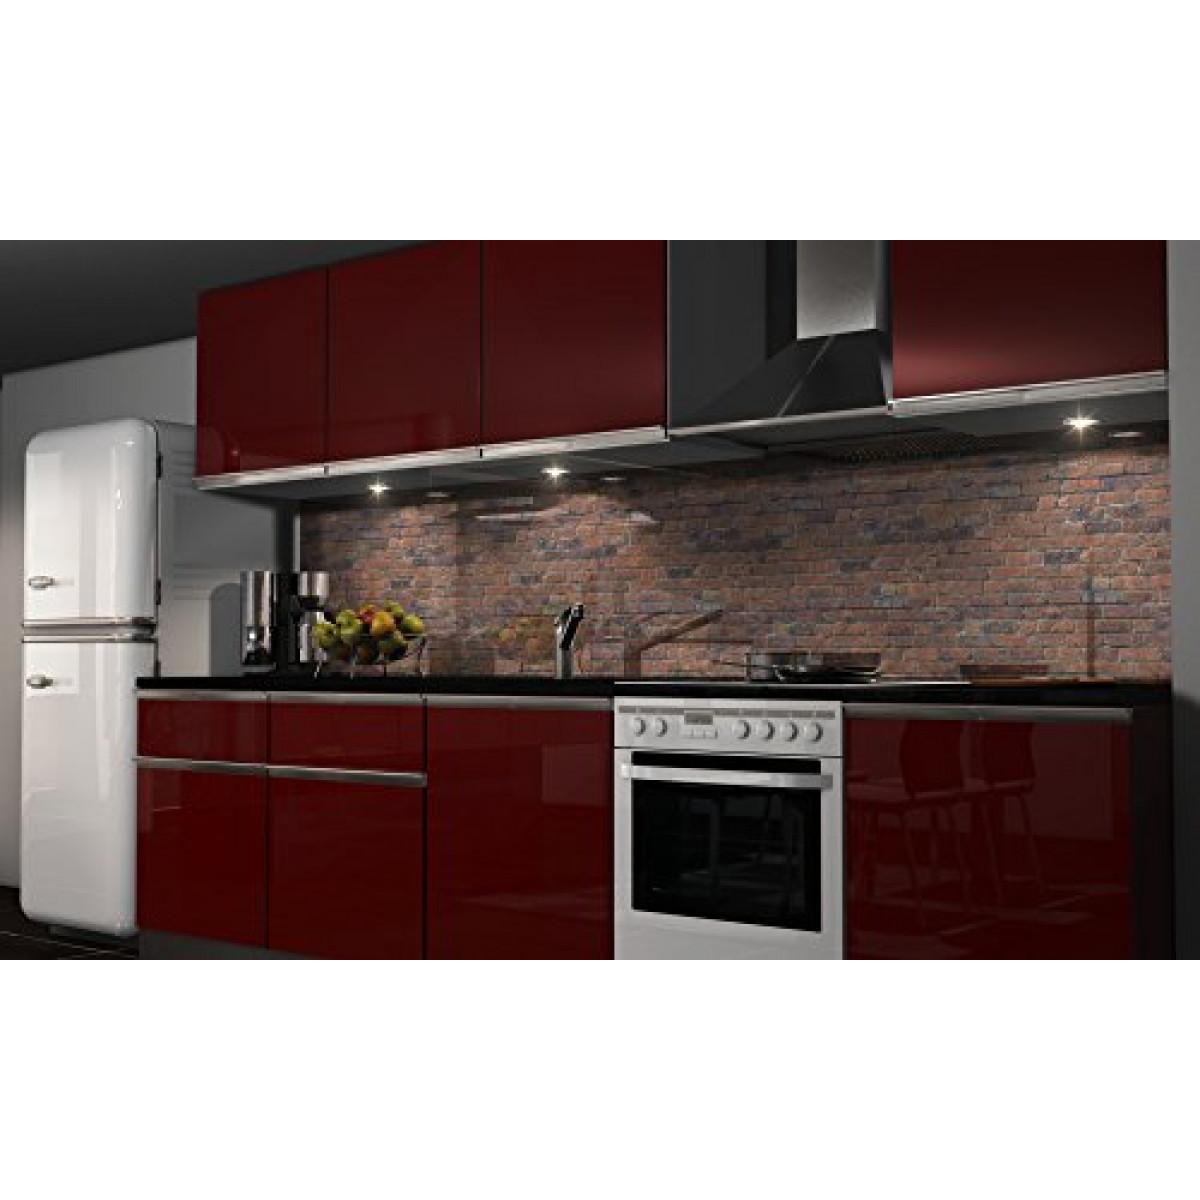 Spritzschutz Küche  Küchenrückwand Folie selbstklebend Mauer Klebefolie